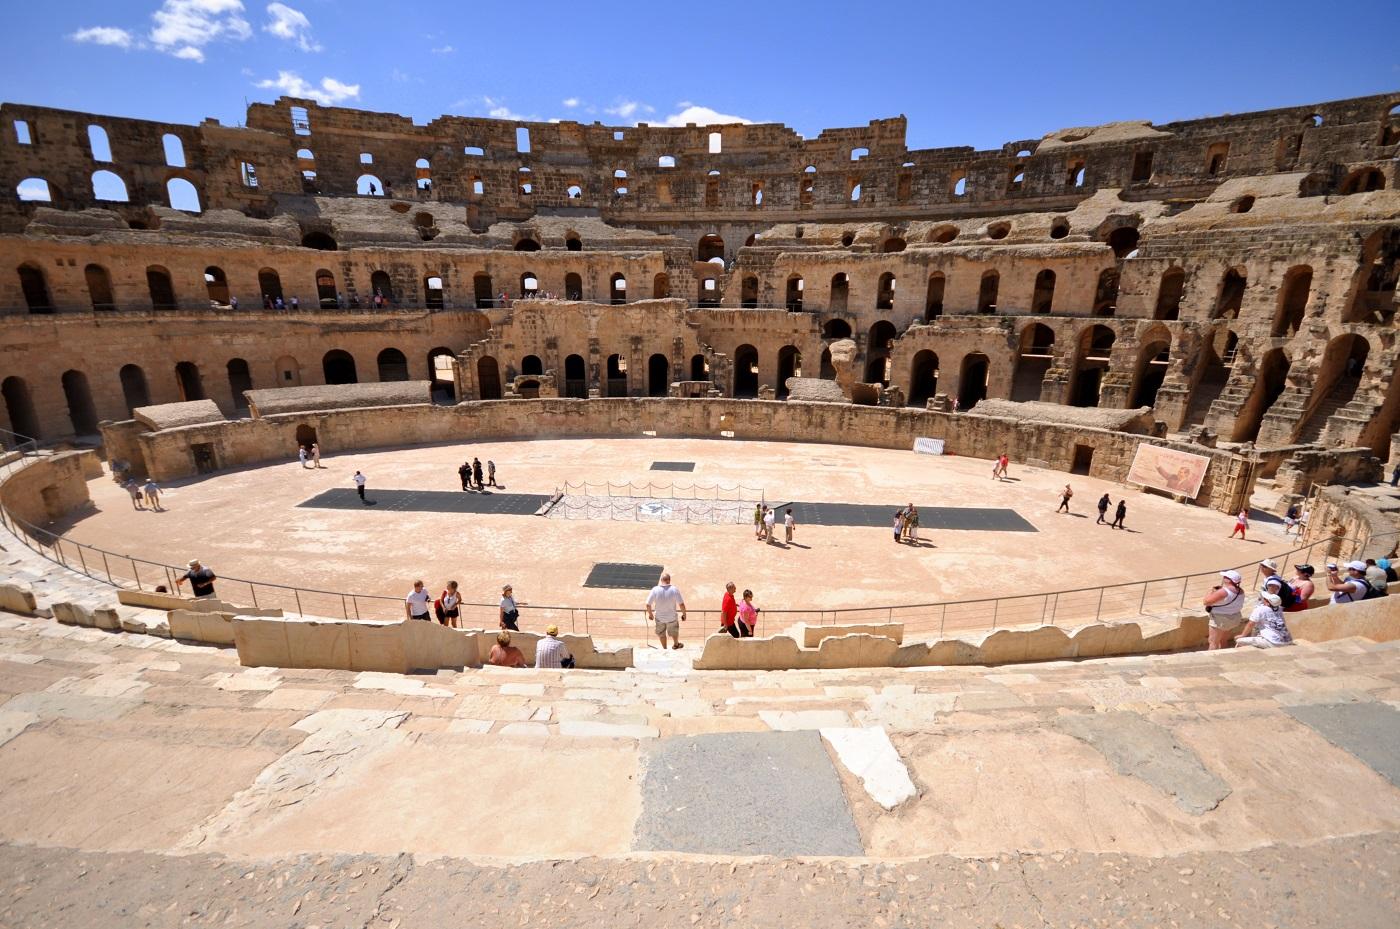 Arena Amfiteatrului El Djem